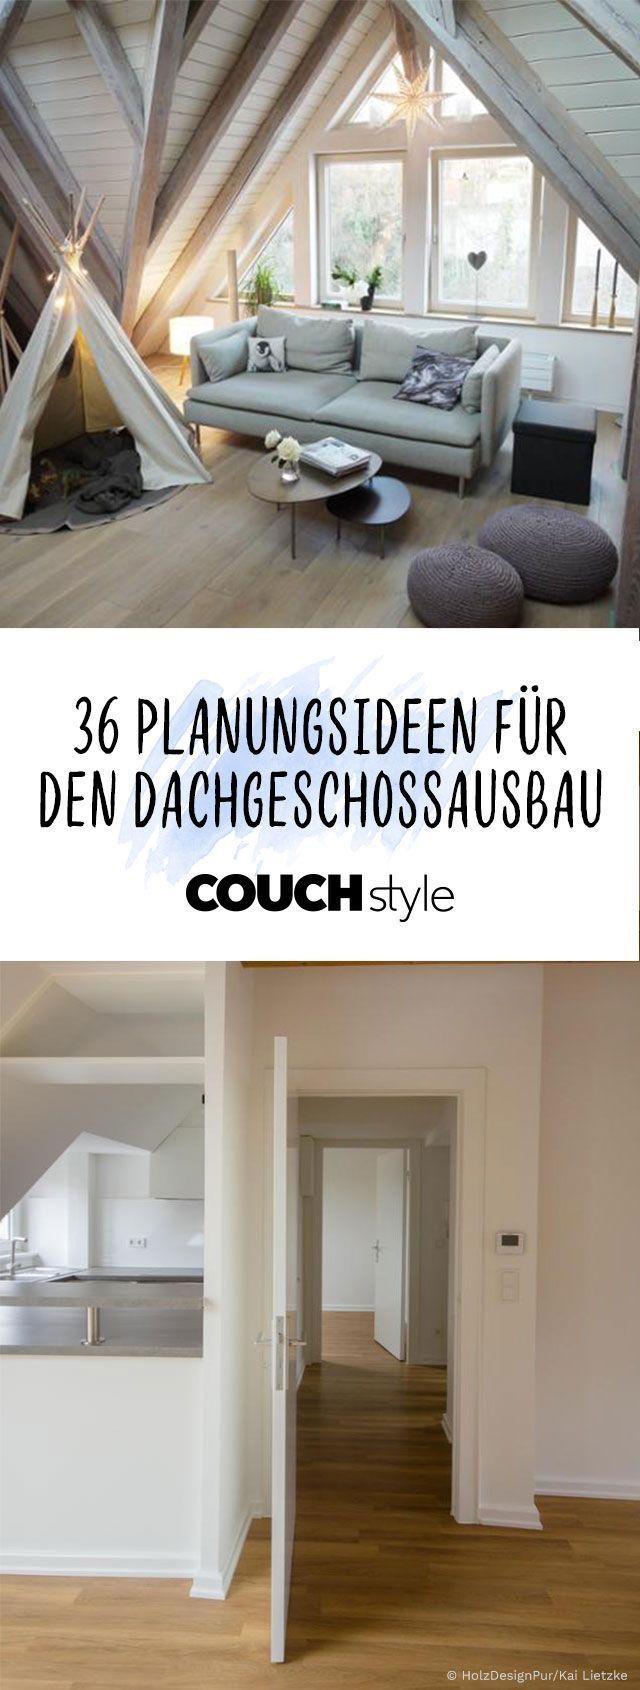 77 best Dachgeschoss images on Pinterest